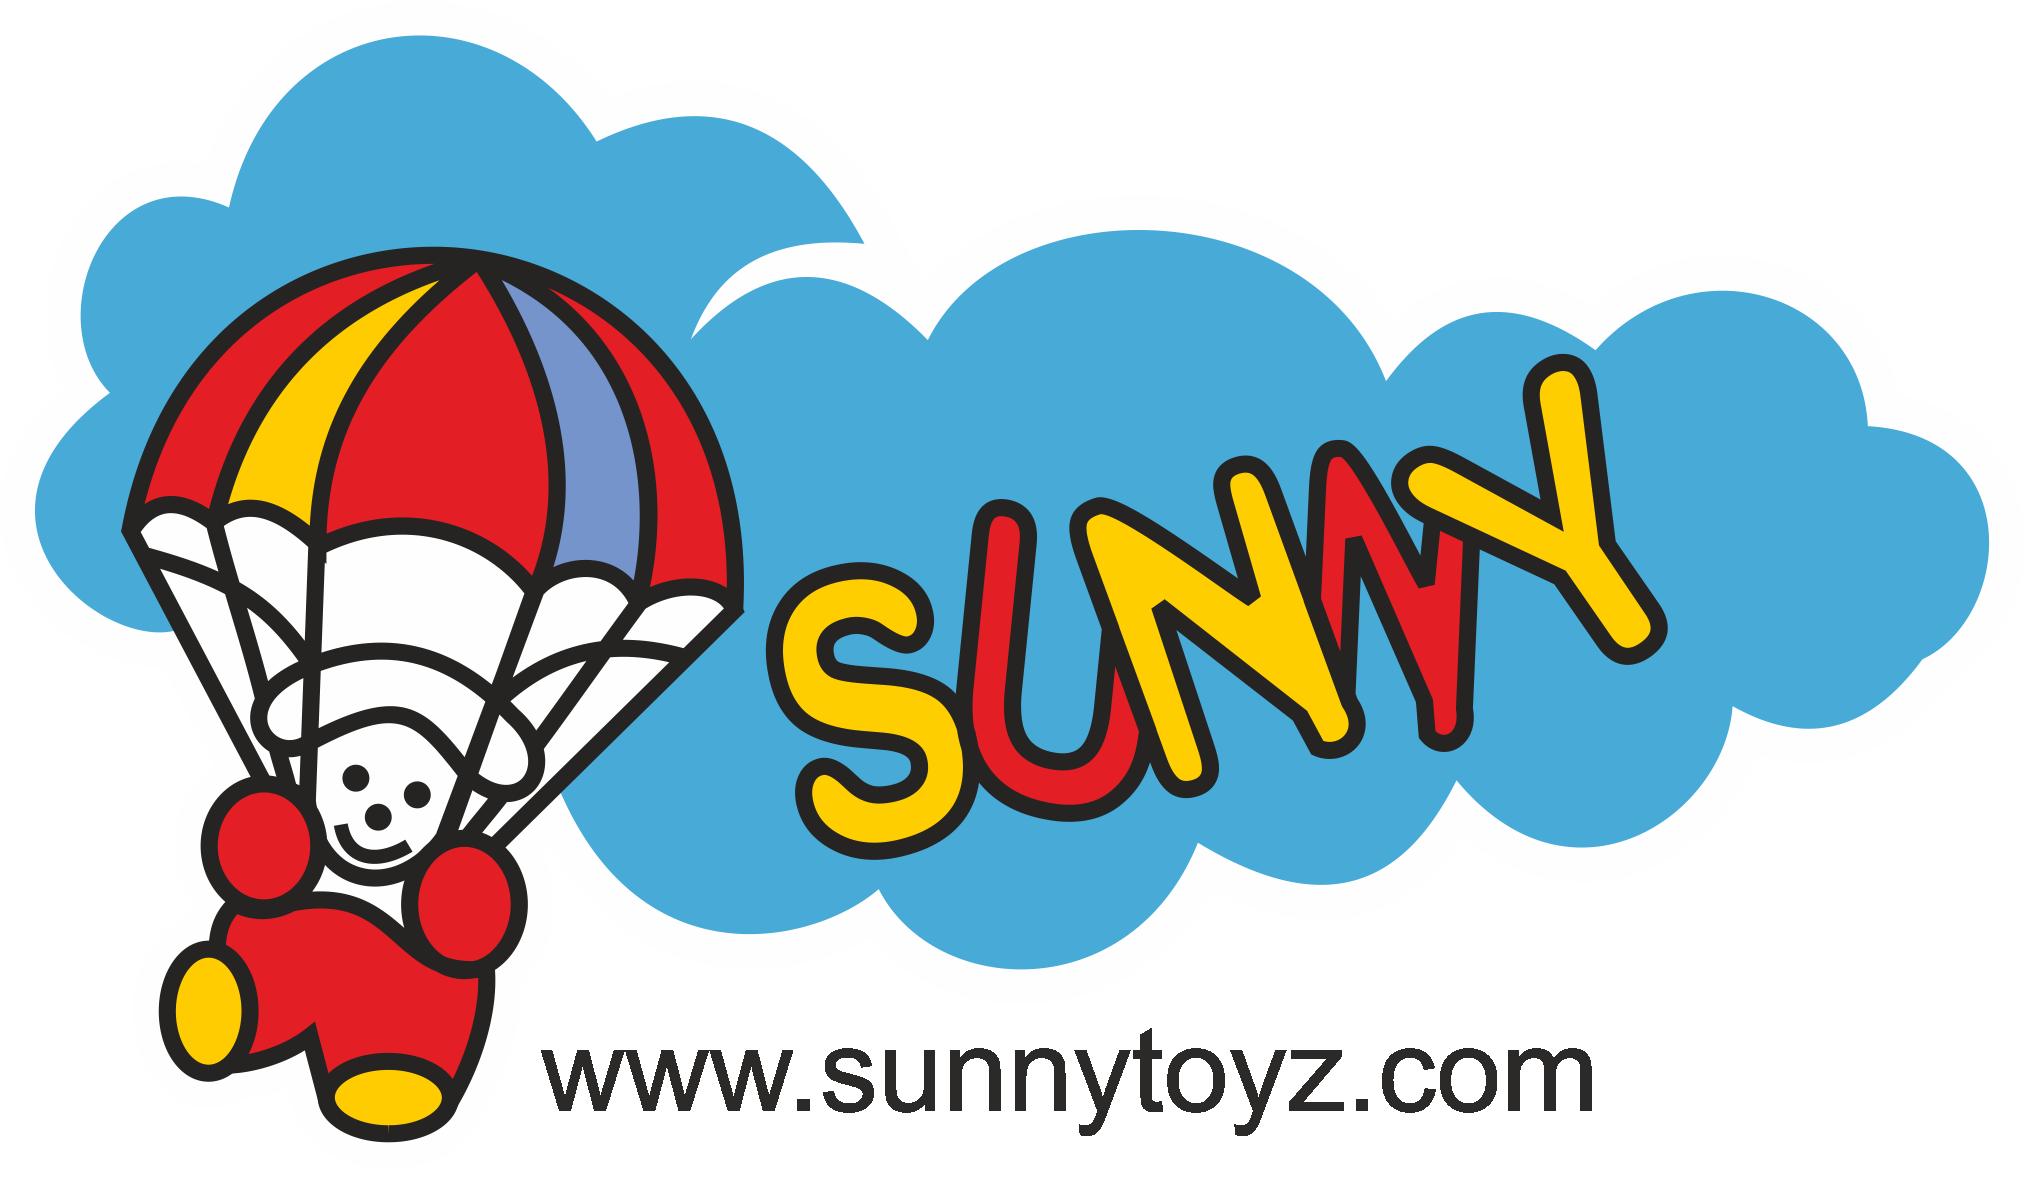 Kaleidoscope sunnytoyz com. Sunny clipart suny